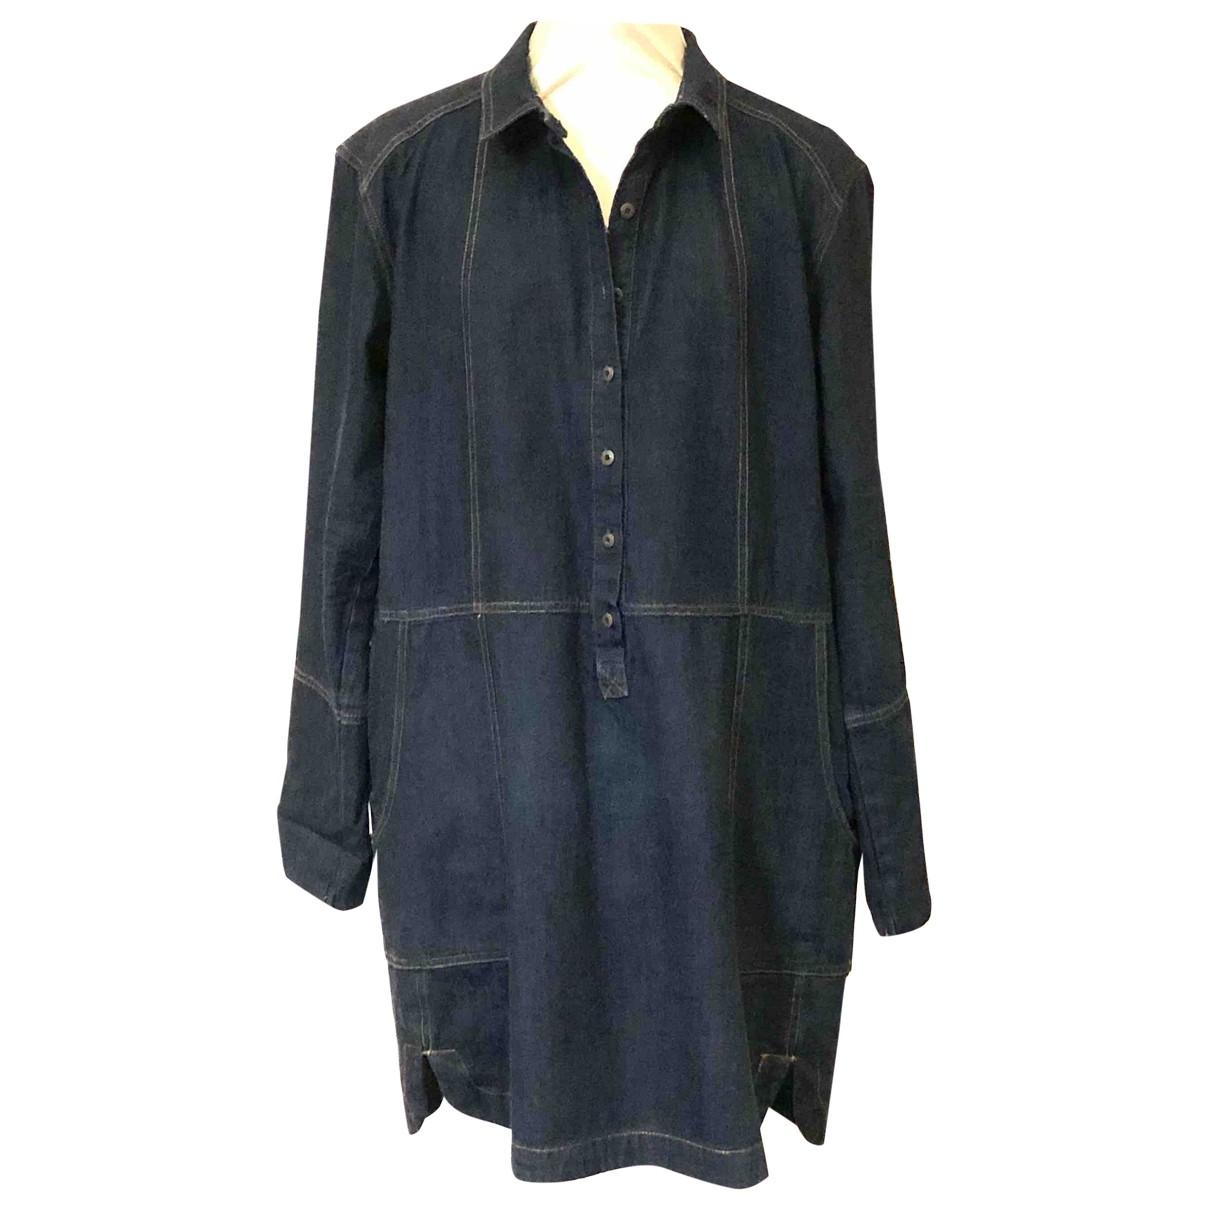 Free People \N Blue Denim - Jeans dress for Women One Size International